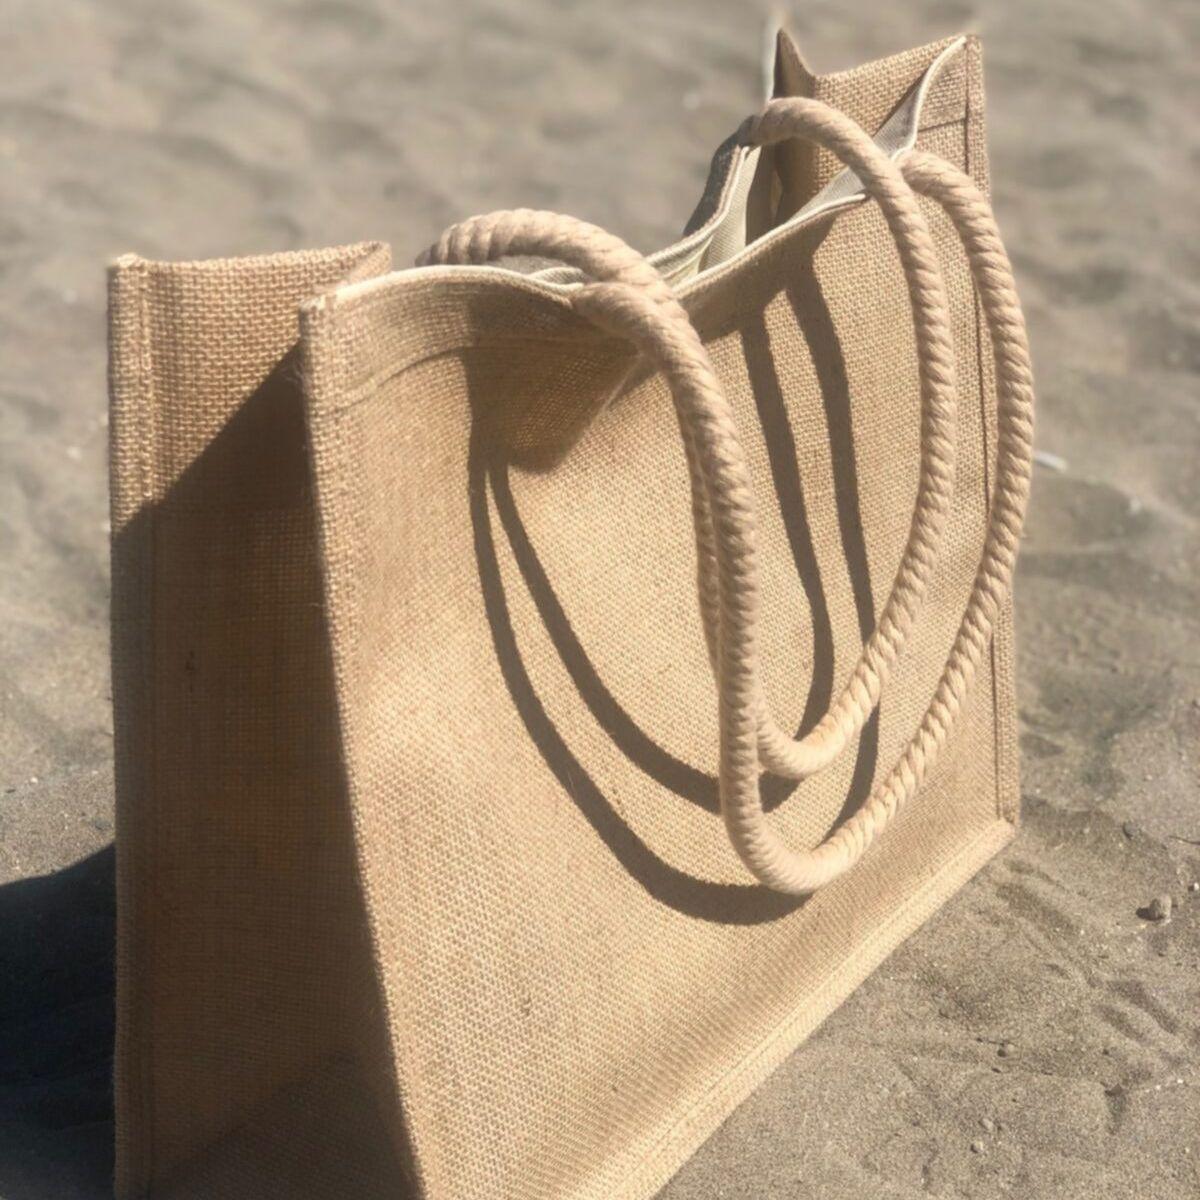 حقيبة شاطئية منسوجة من القش حقيبة شاطئية كبيرة واسعة وداخلية جيب حقيبة شاطئية أنيقة ومريحة يمكن أن تناسب 2-3 مناشف كبيرة Now V